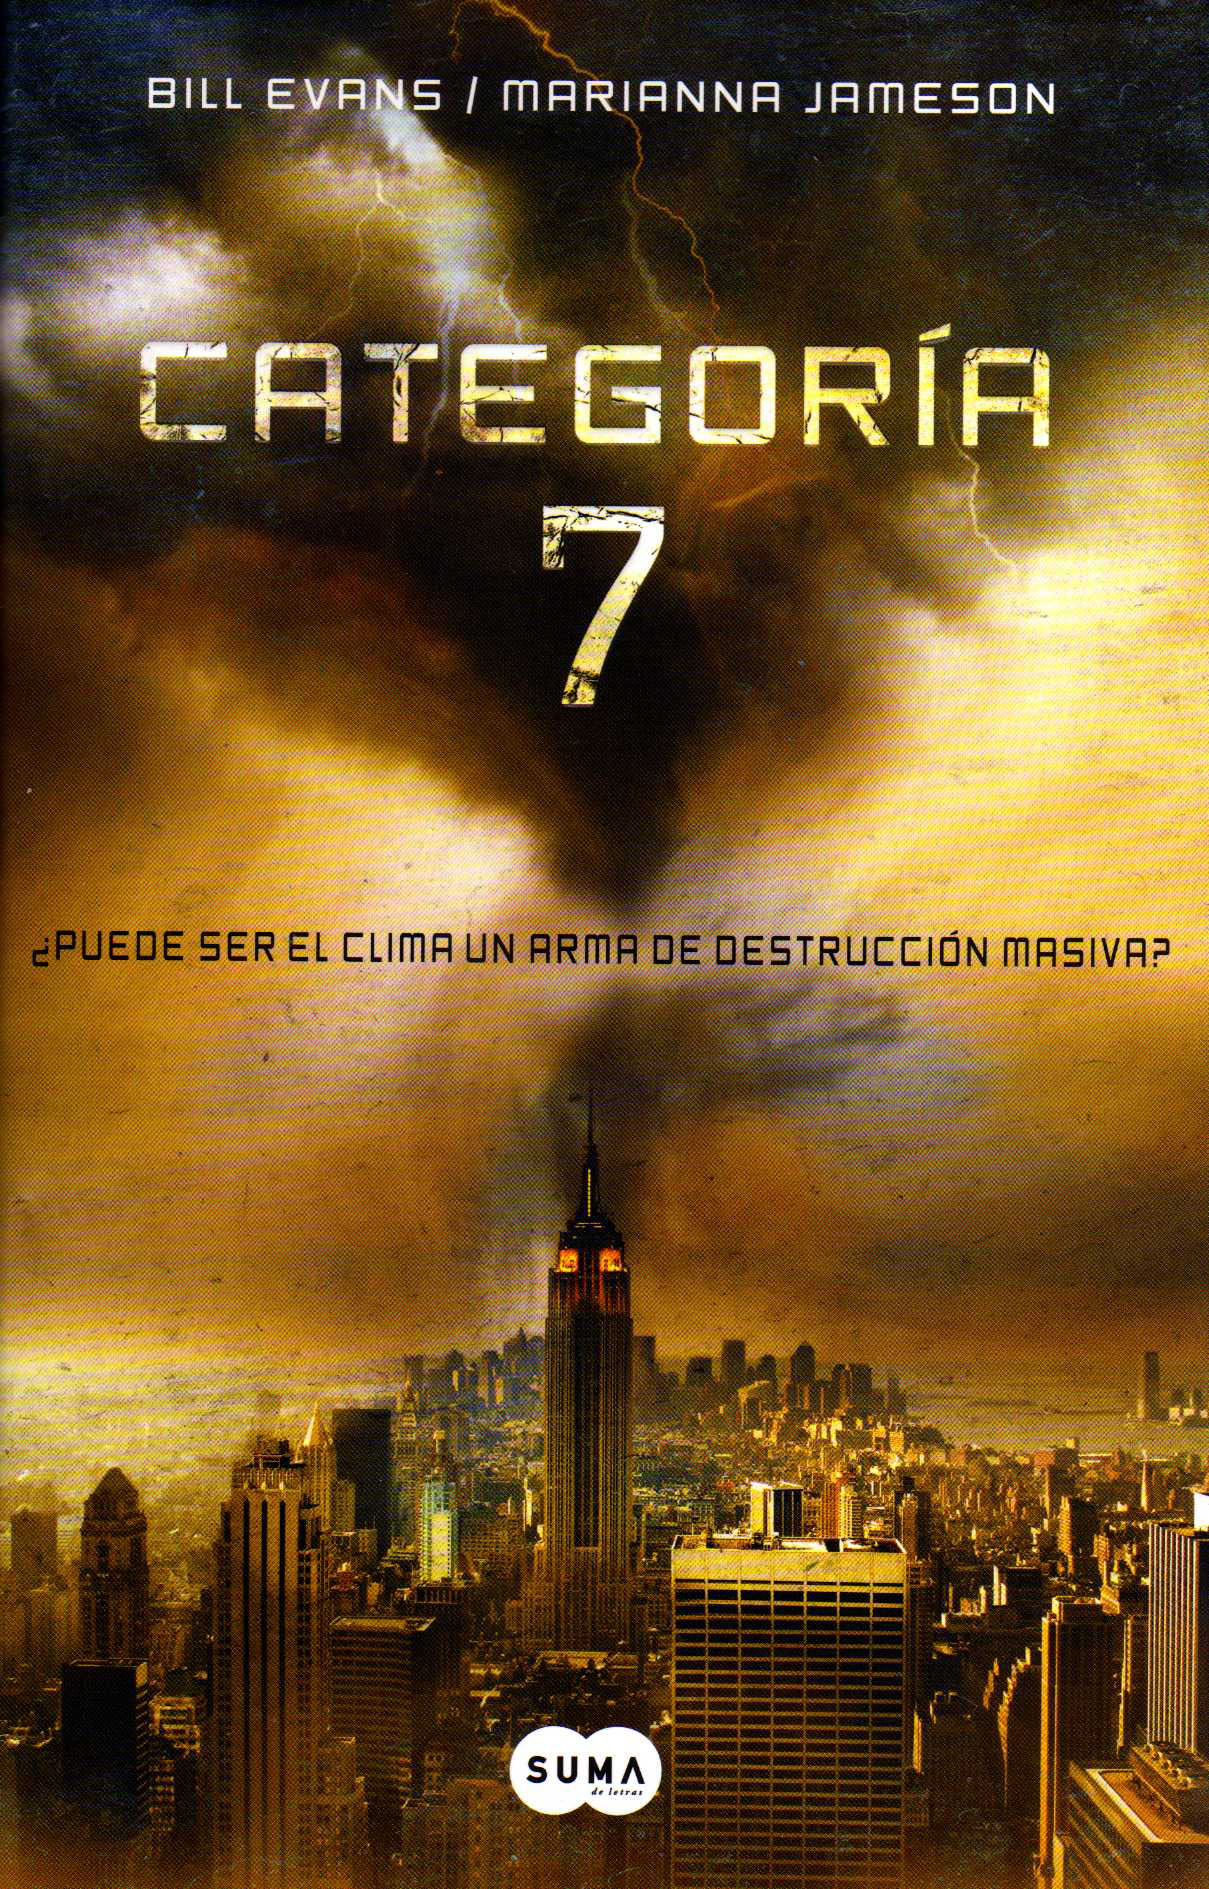 CATEGORIA 7